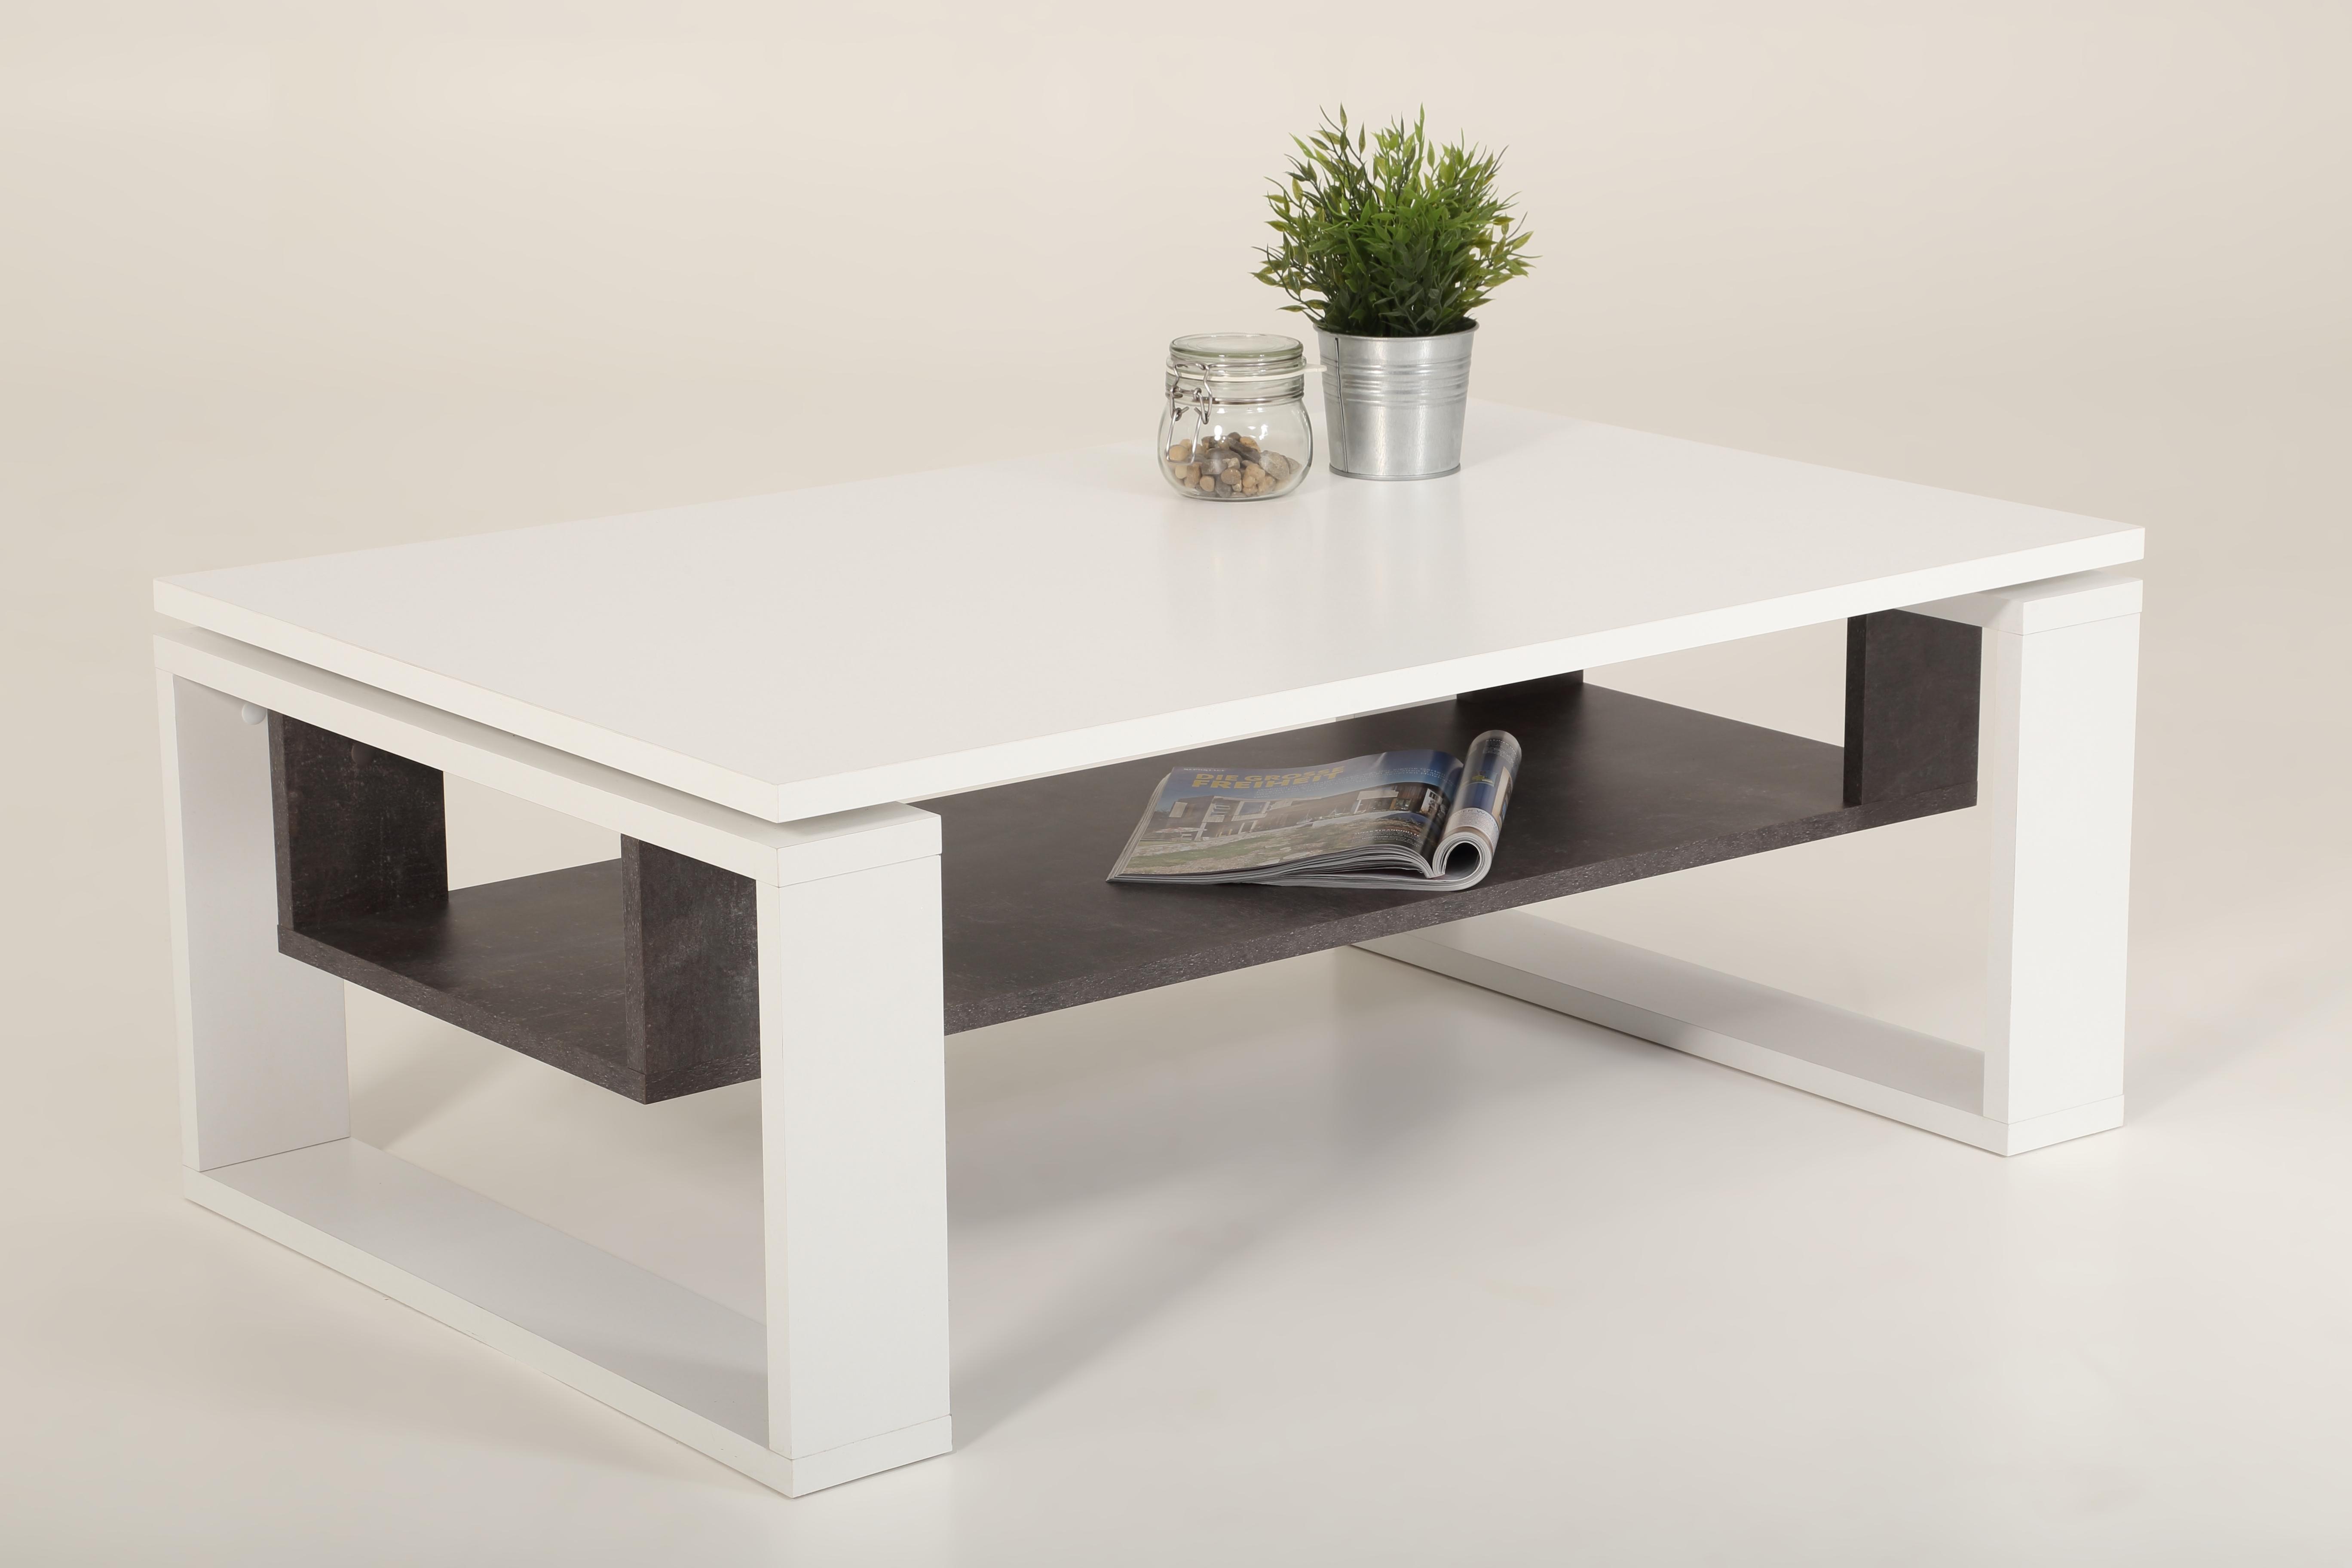 couchtisch nick von hela weiss beton. Black Bedroom Furniture Sets. Home Design Ideas